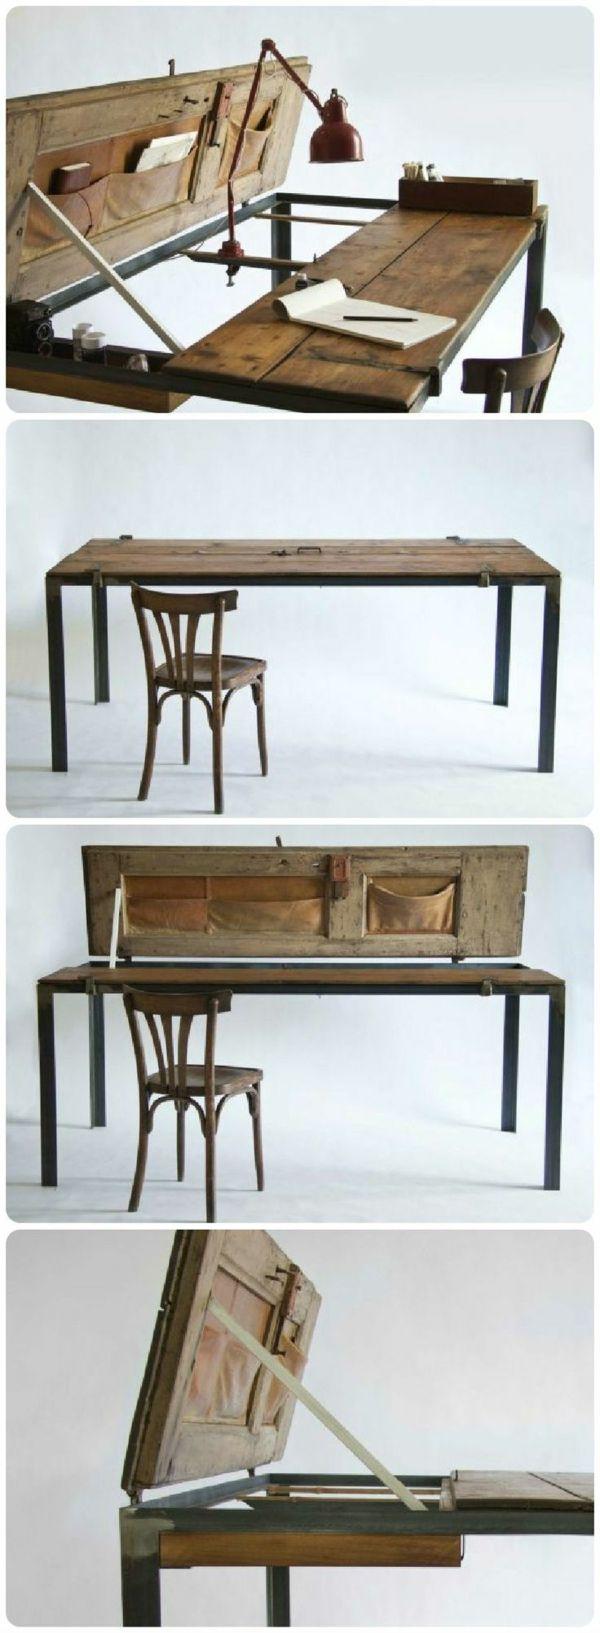 die 25 besten ideen zu tisch auf pinterest tische holzm bel und rustikale tische. Black Bedroom Furniture Sets. Home Design Ideas